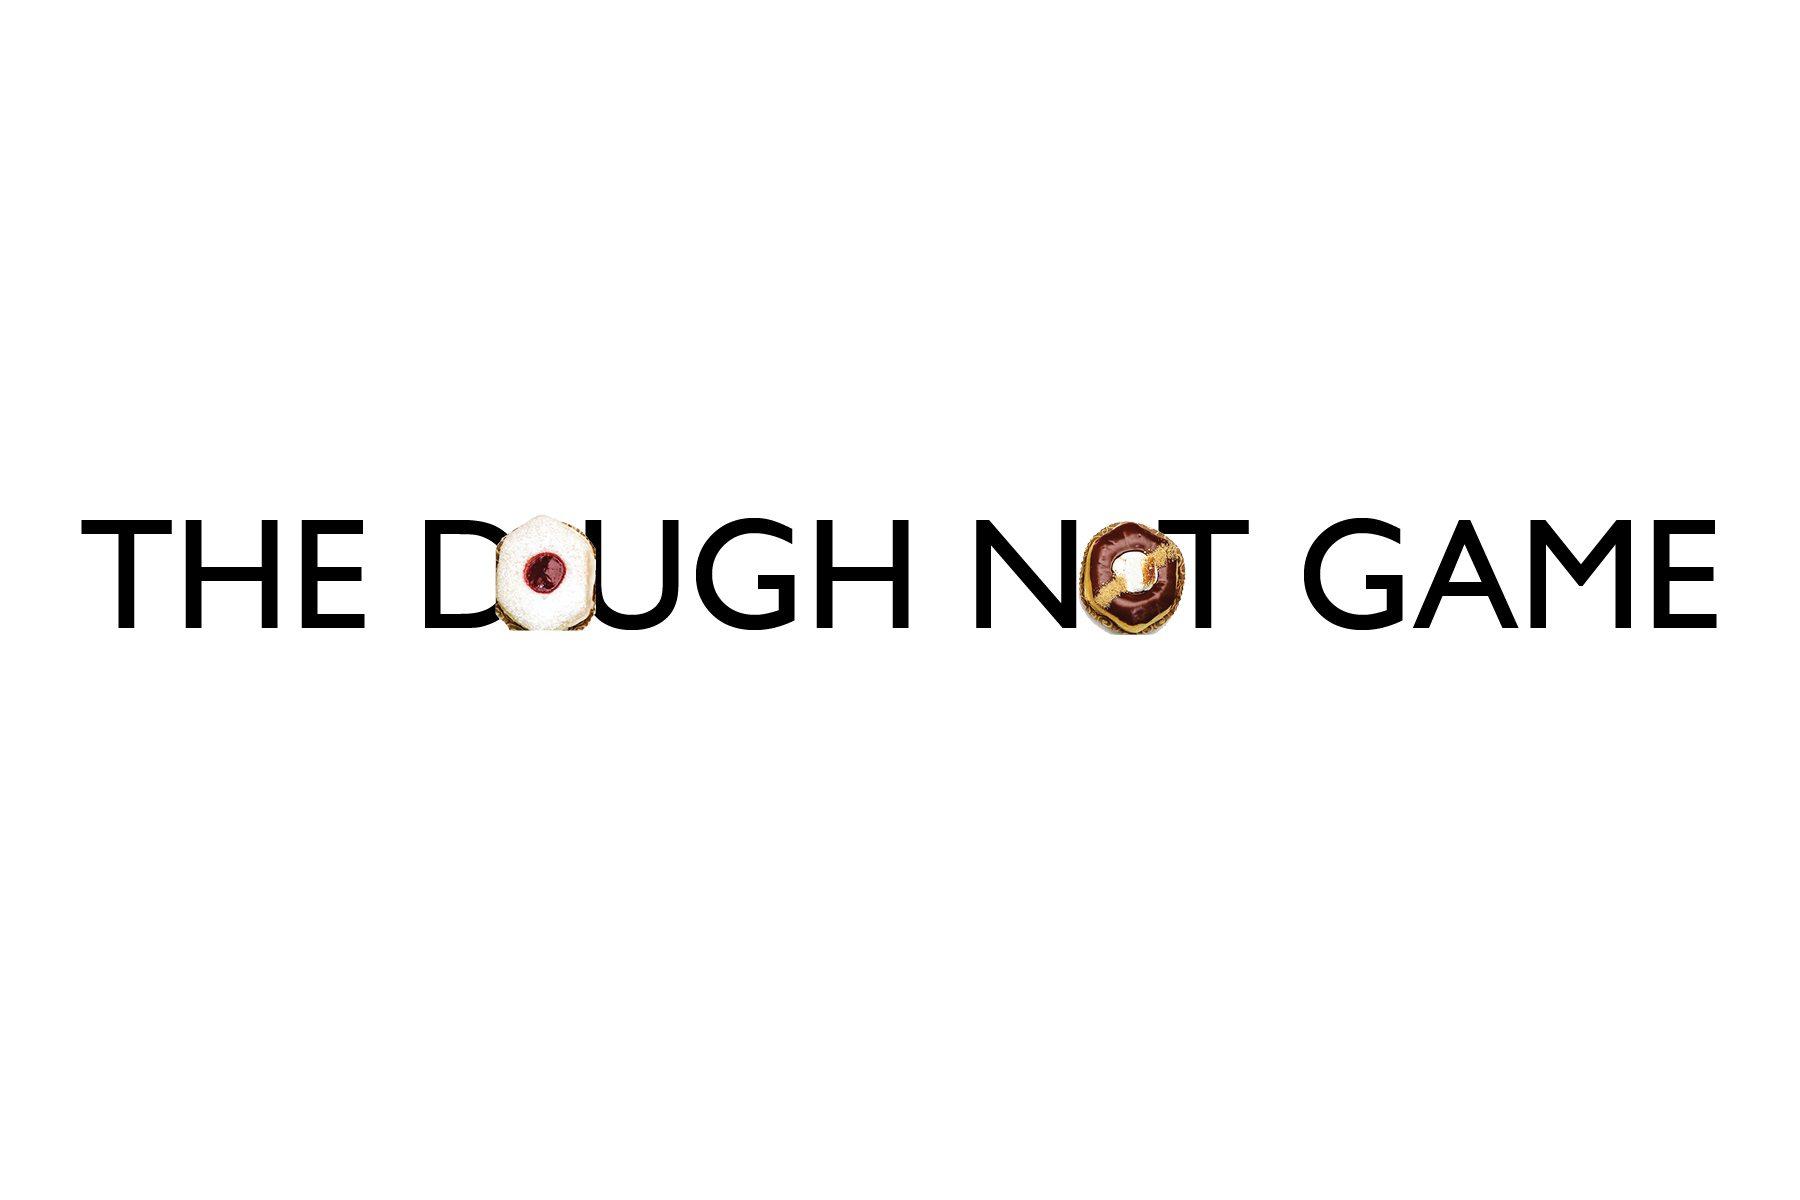 dough-not